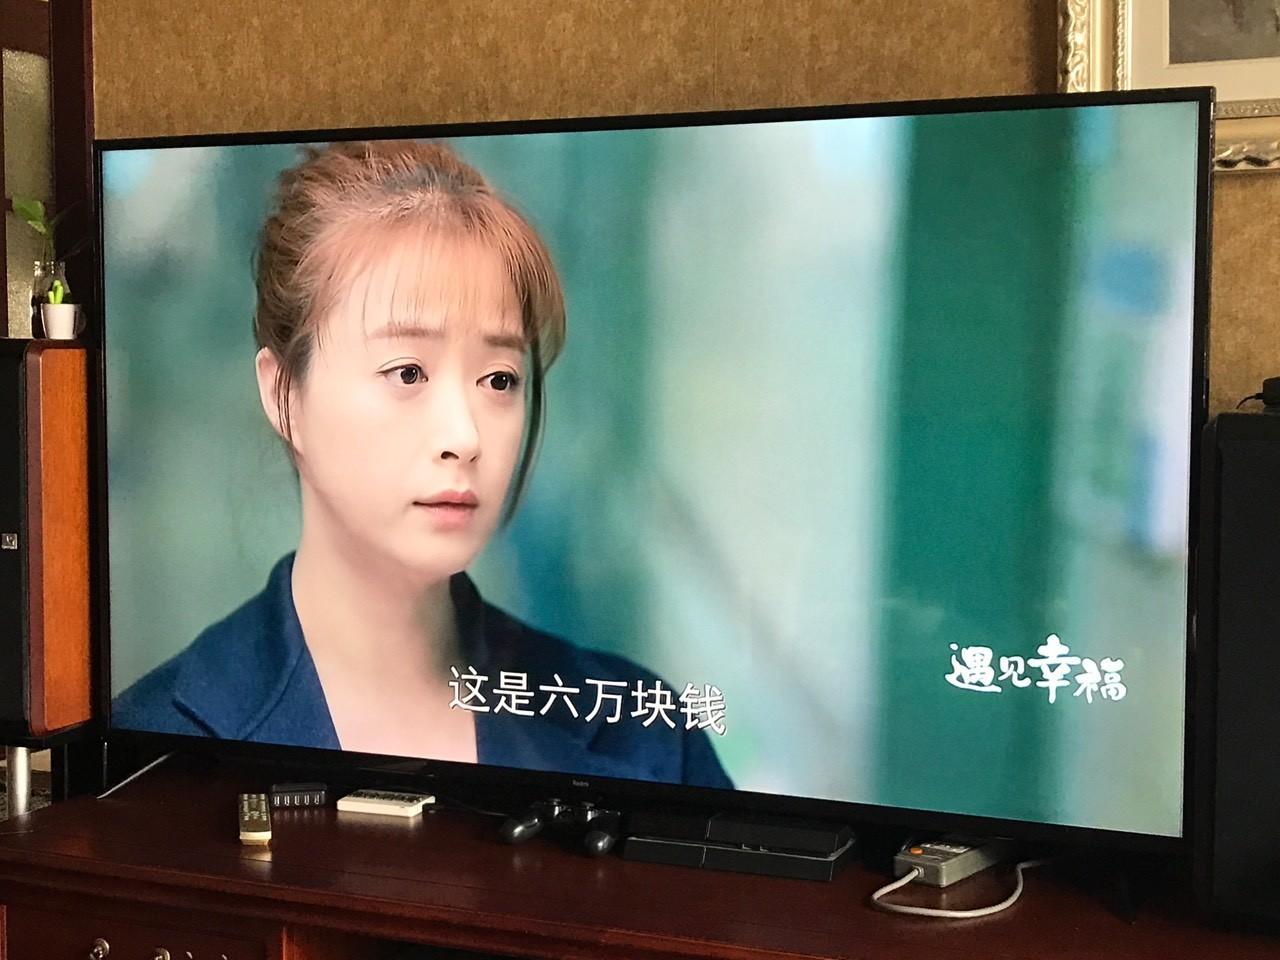 3399元买红米70英寸电视值不值?